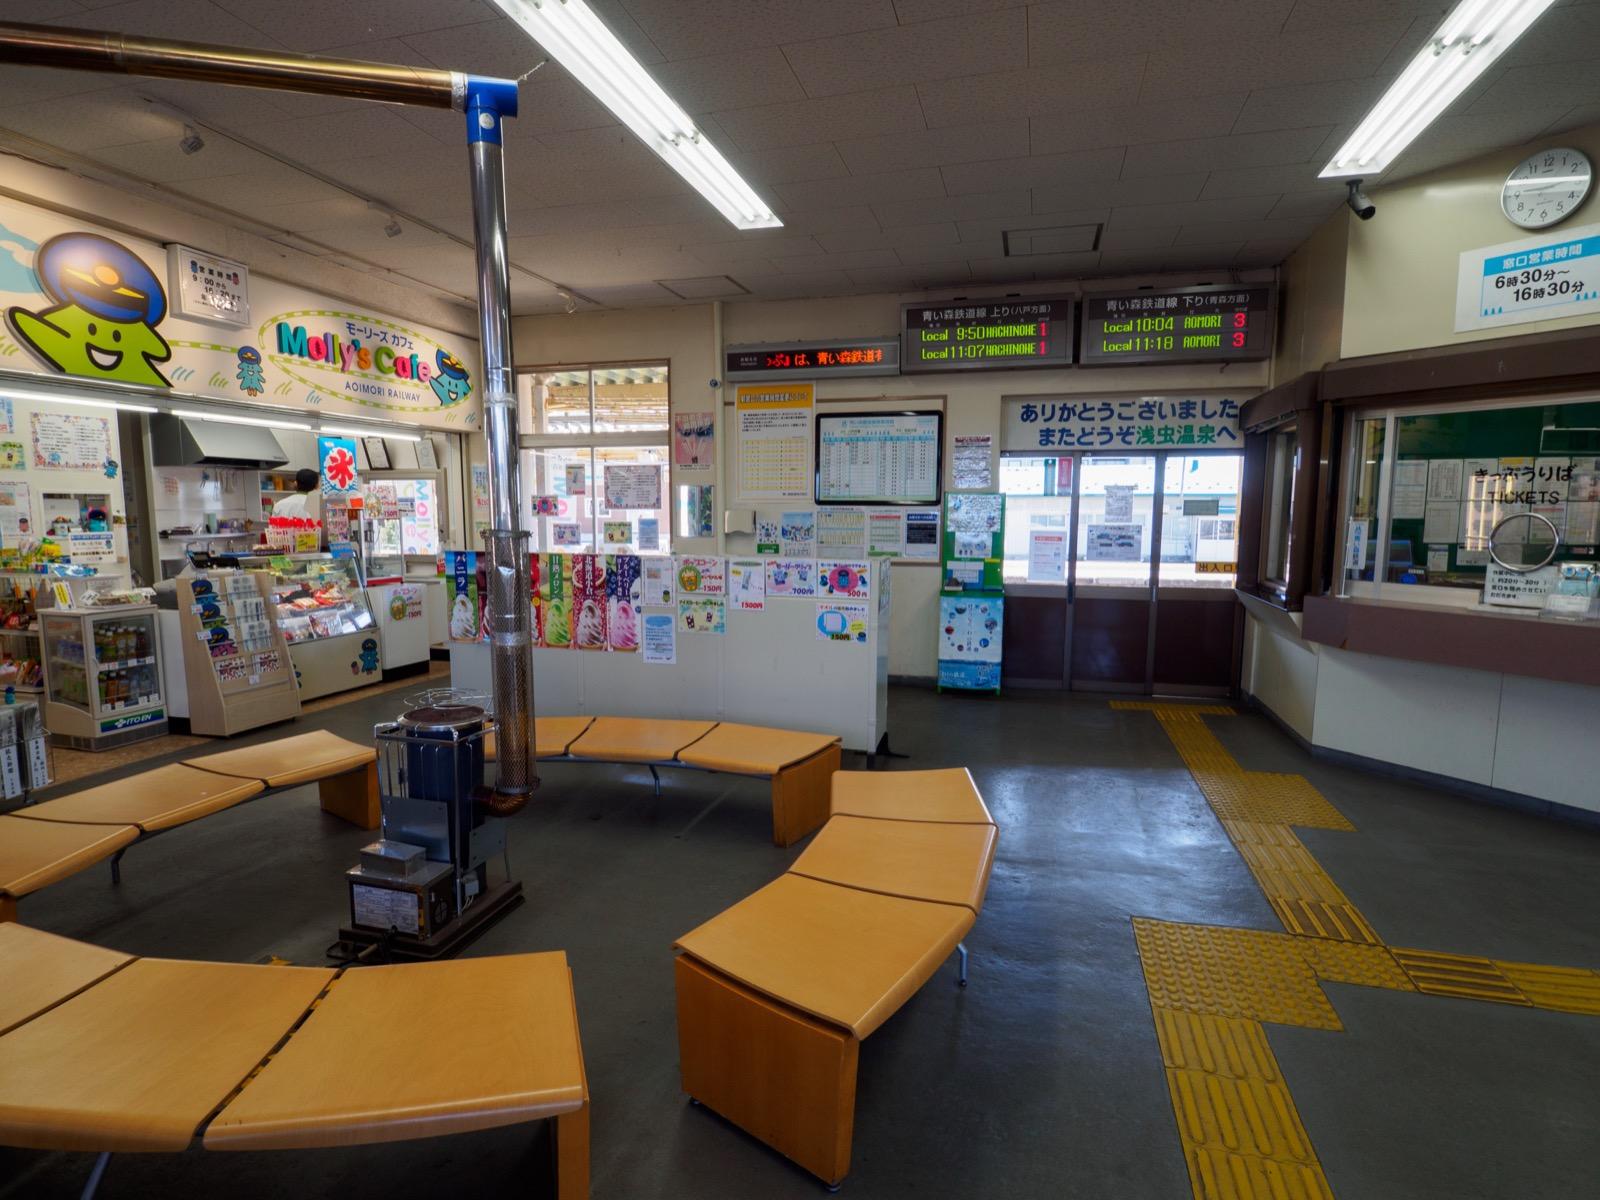 浅虫温泉駅の待合室と売店「モーリーズカフェ」